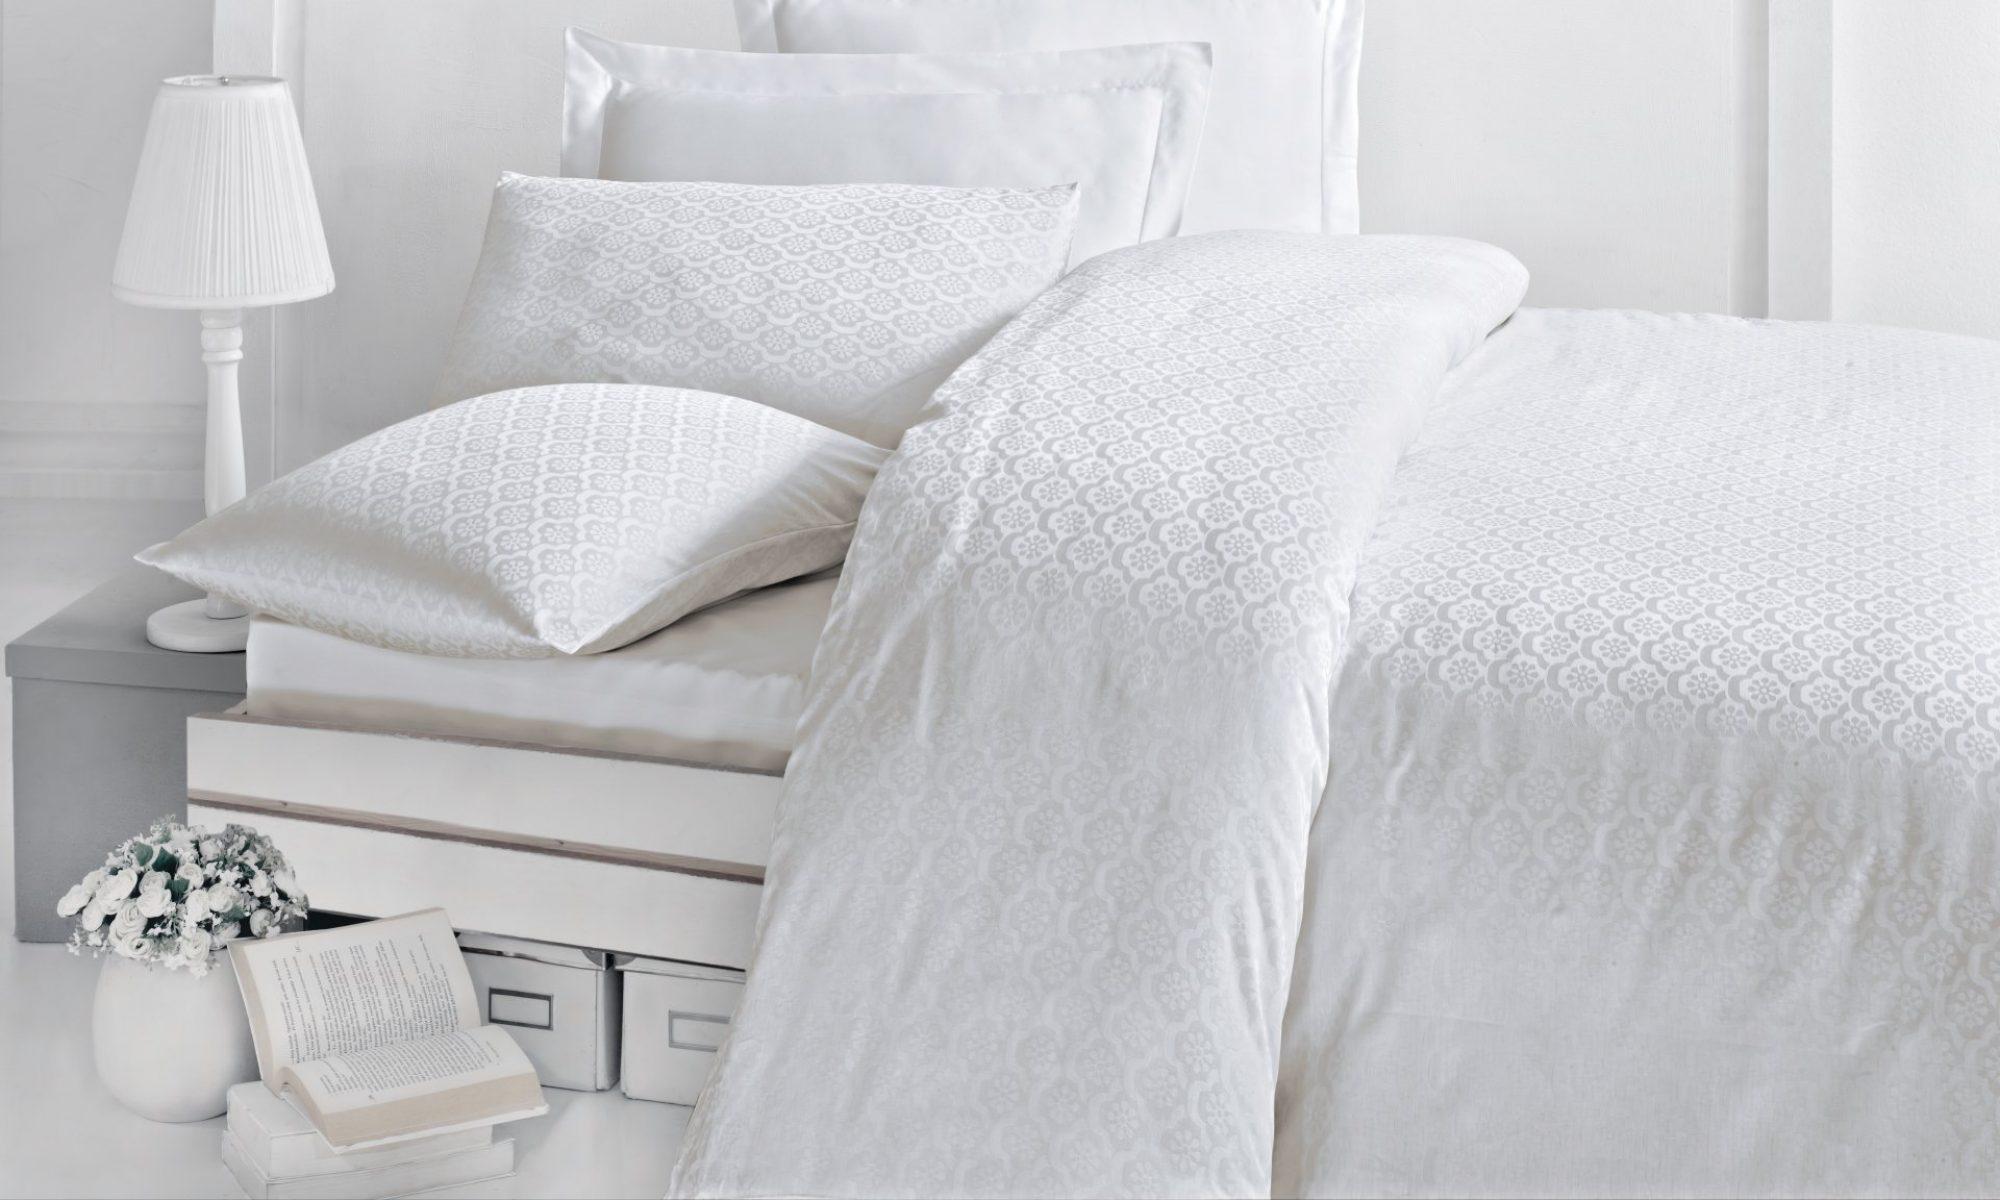 ШИКО-ТВ Спално бельо и интериорно обзавеждане за хотели